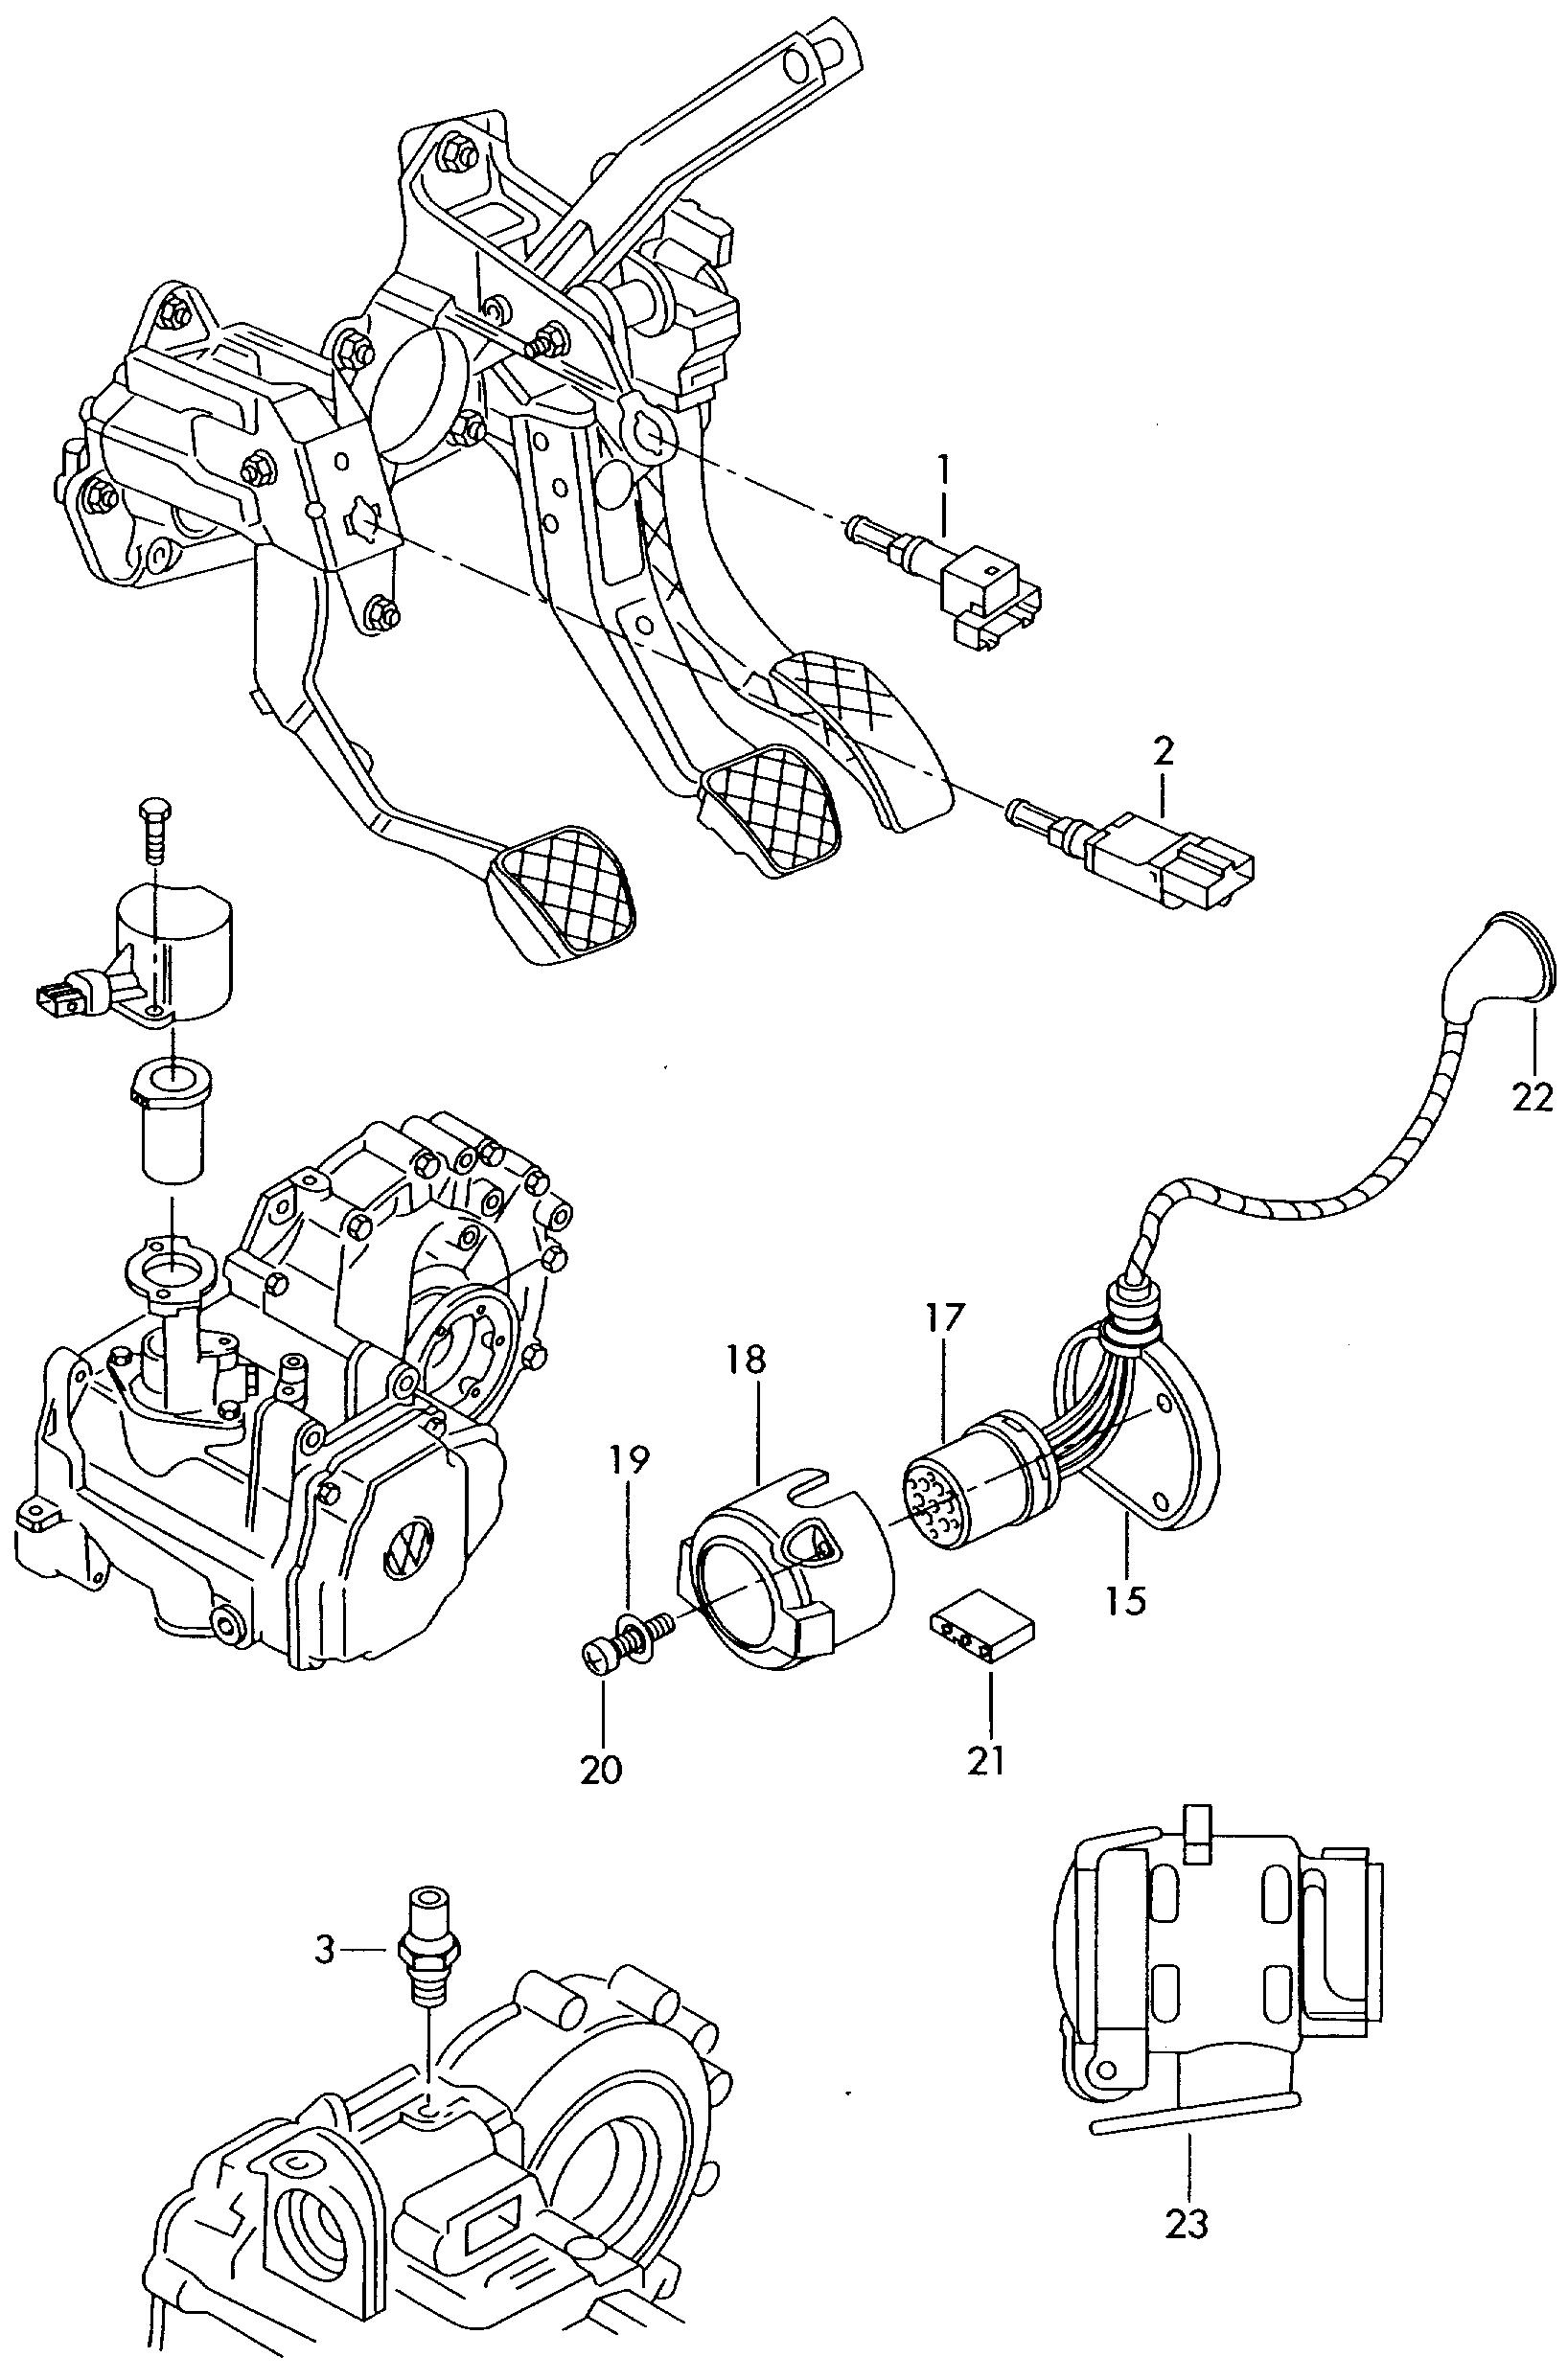 skoda fabia 2000 2004 socket cruise control system for Nissan Cruise Control Wiring Diagram skoda fabia 2000 2004 vag etka